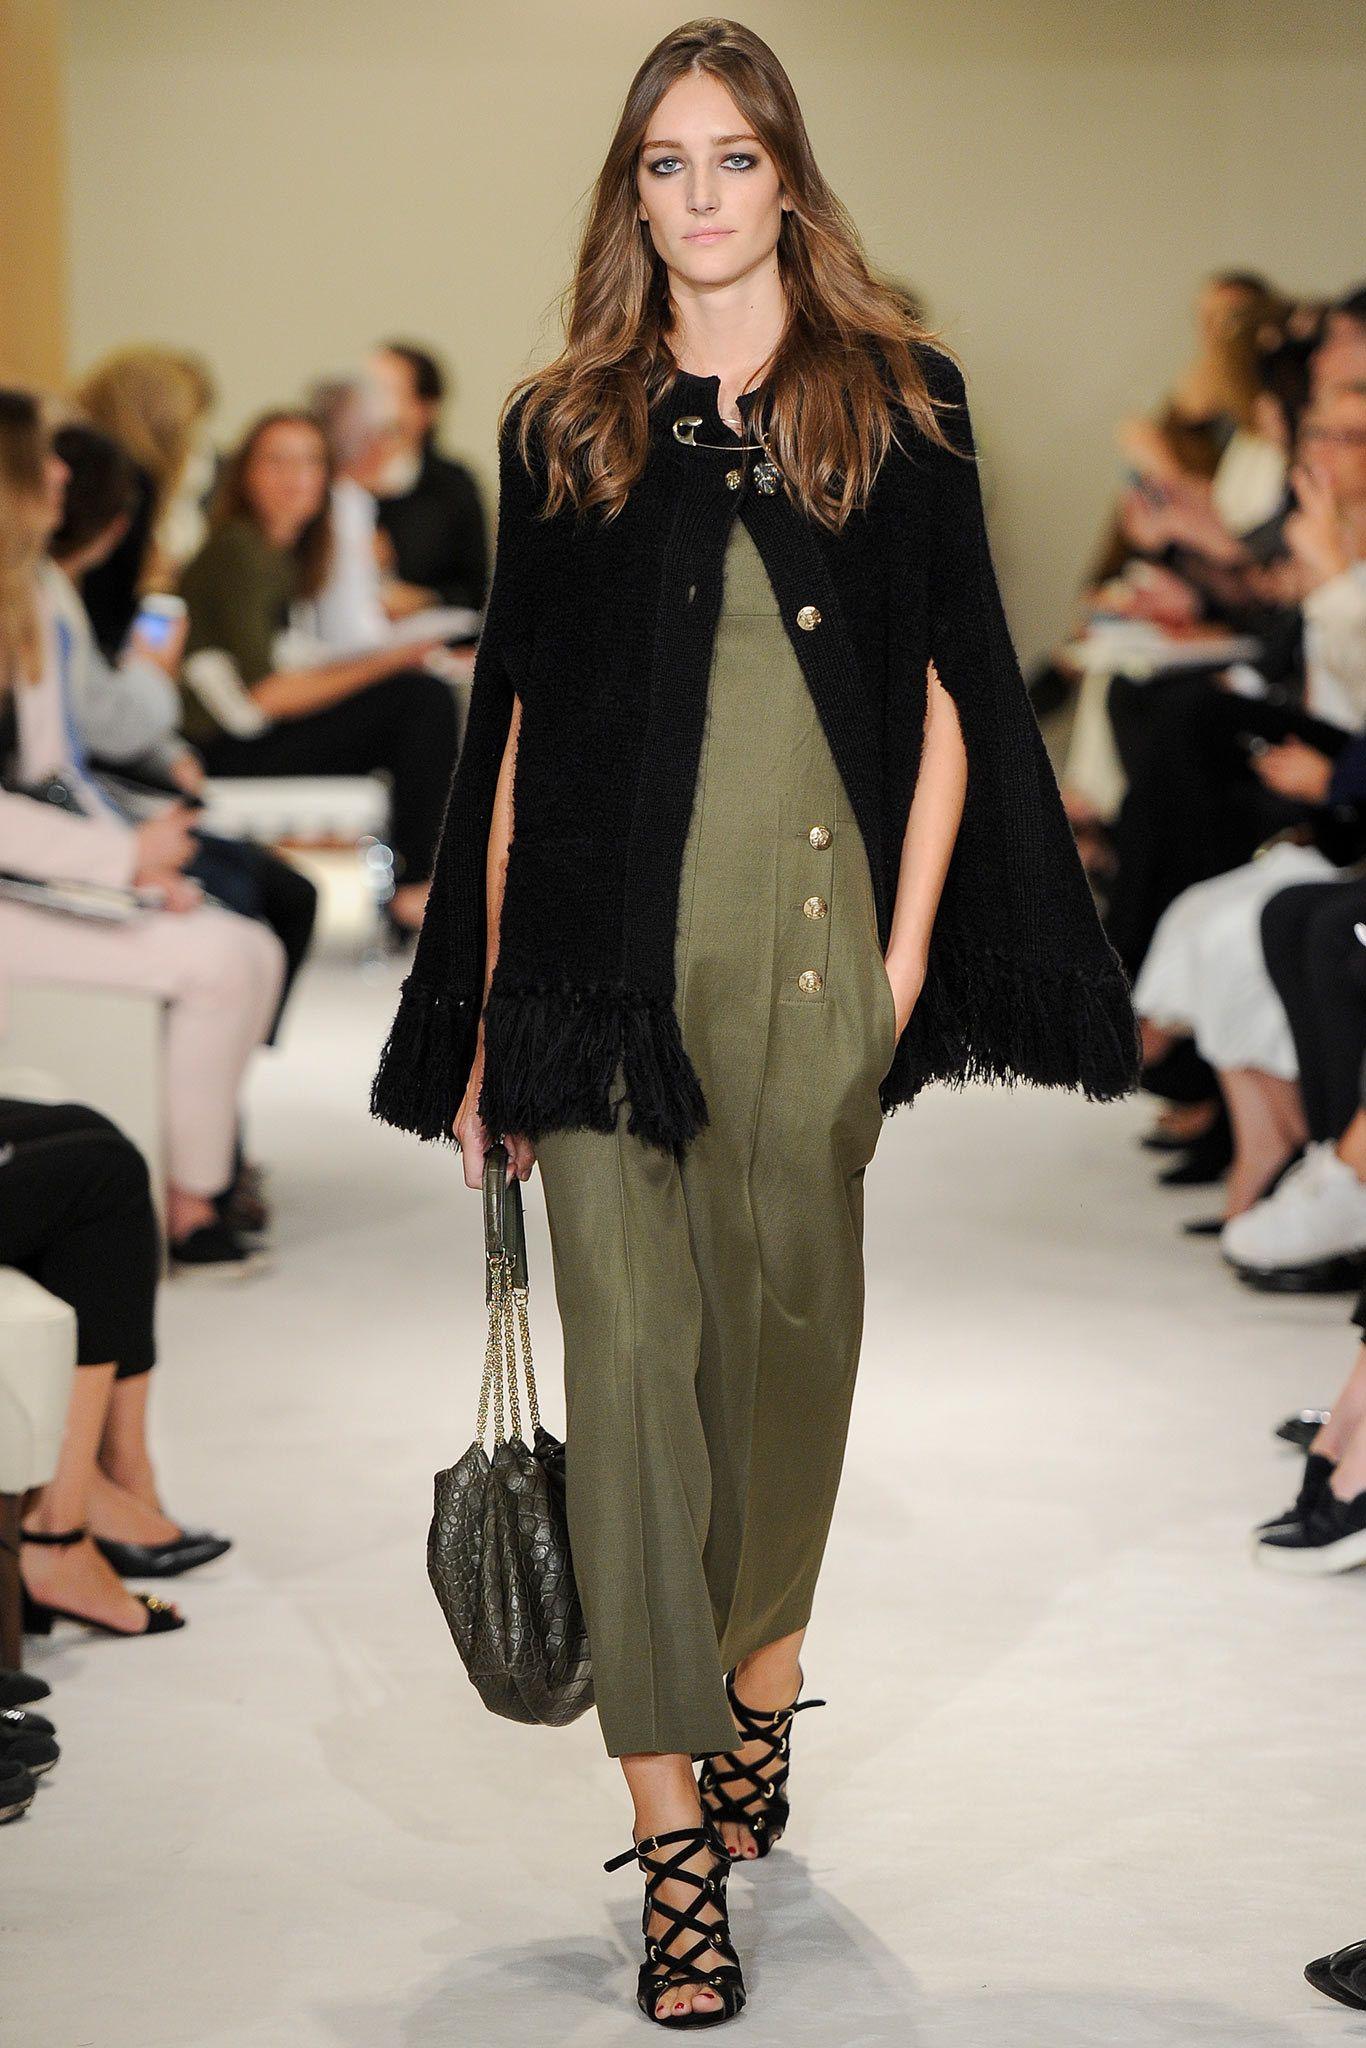 Sonia Rykiel Spring 8 Ready-to-Wear Fashion Show  Fashion